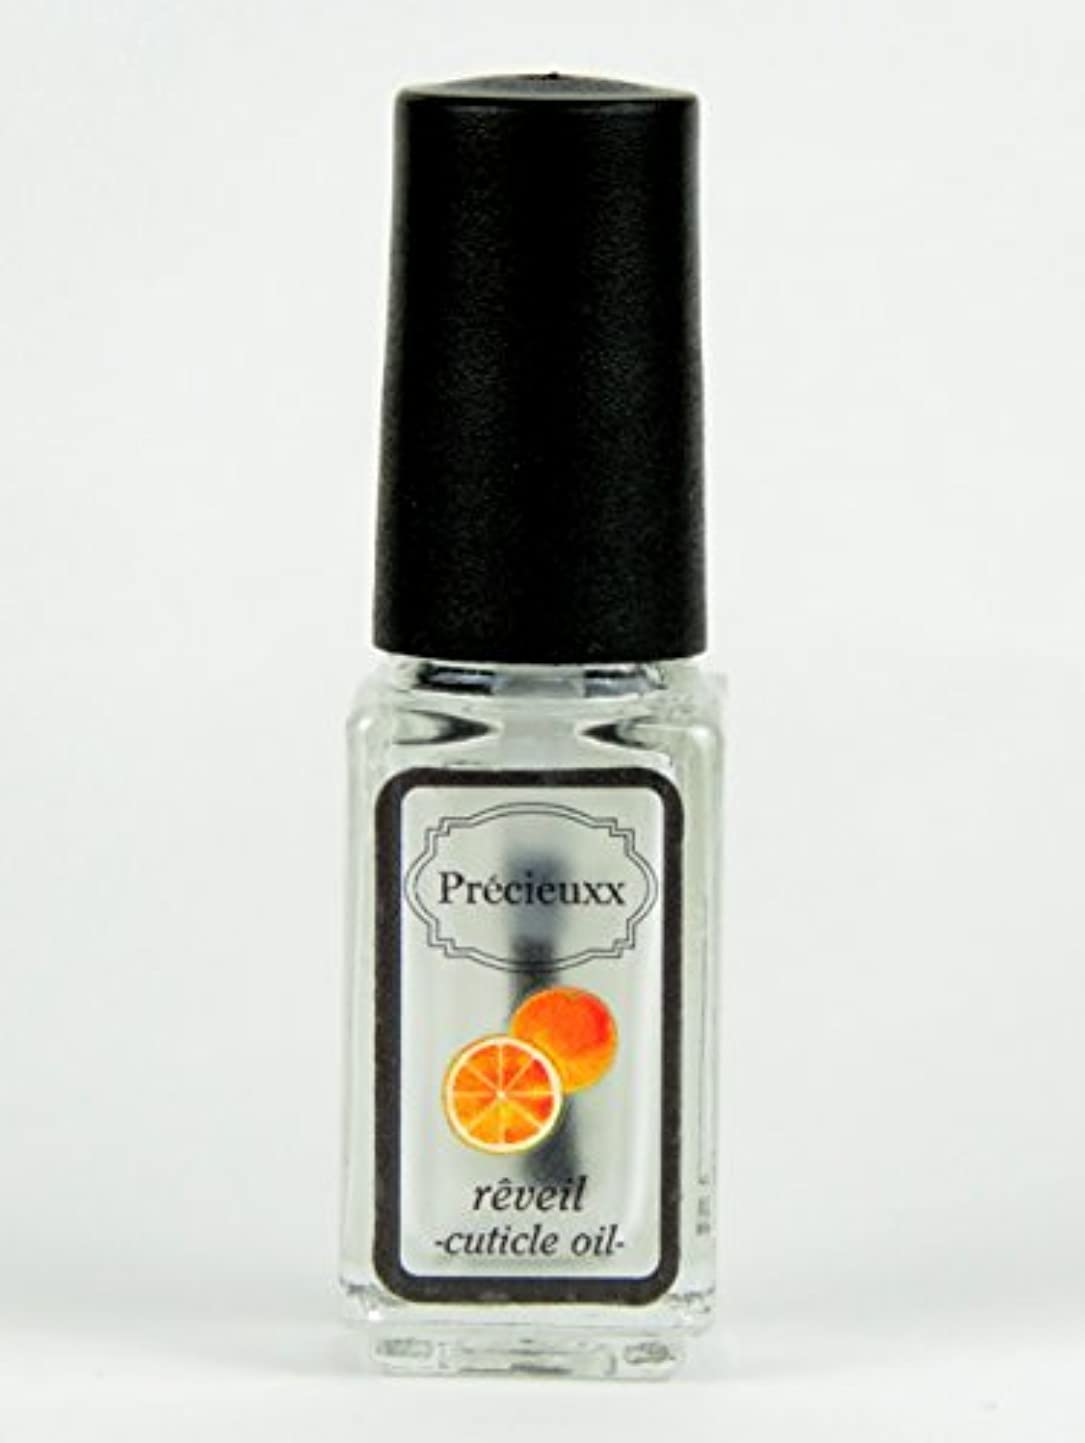 もつれ中古現在オーガニック ネイルオイル Precieuxx(プレシュー) ネイルアンドキューティクルボタニカルオイル 5ml オレンジ